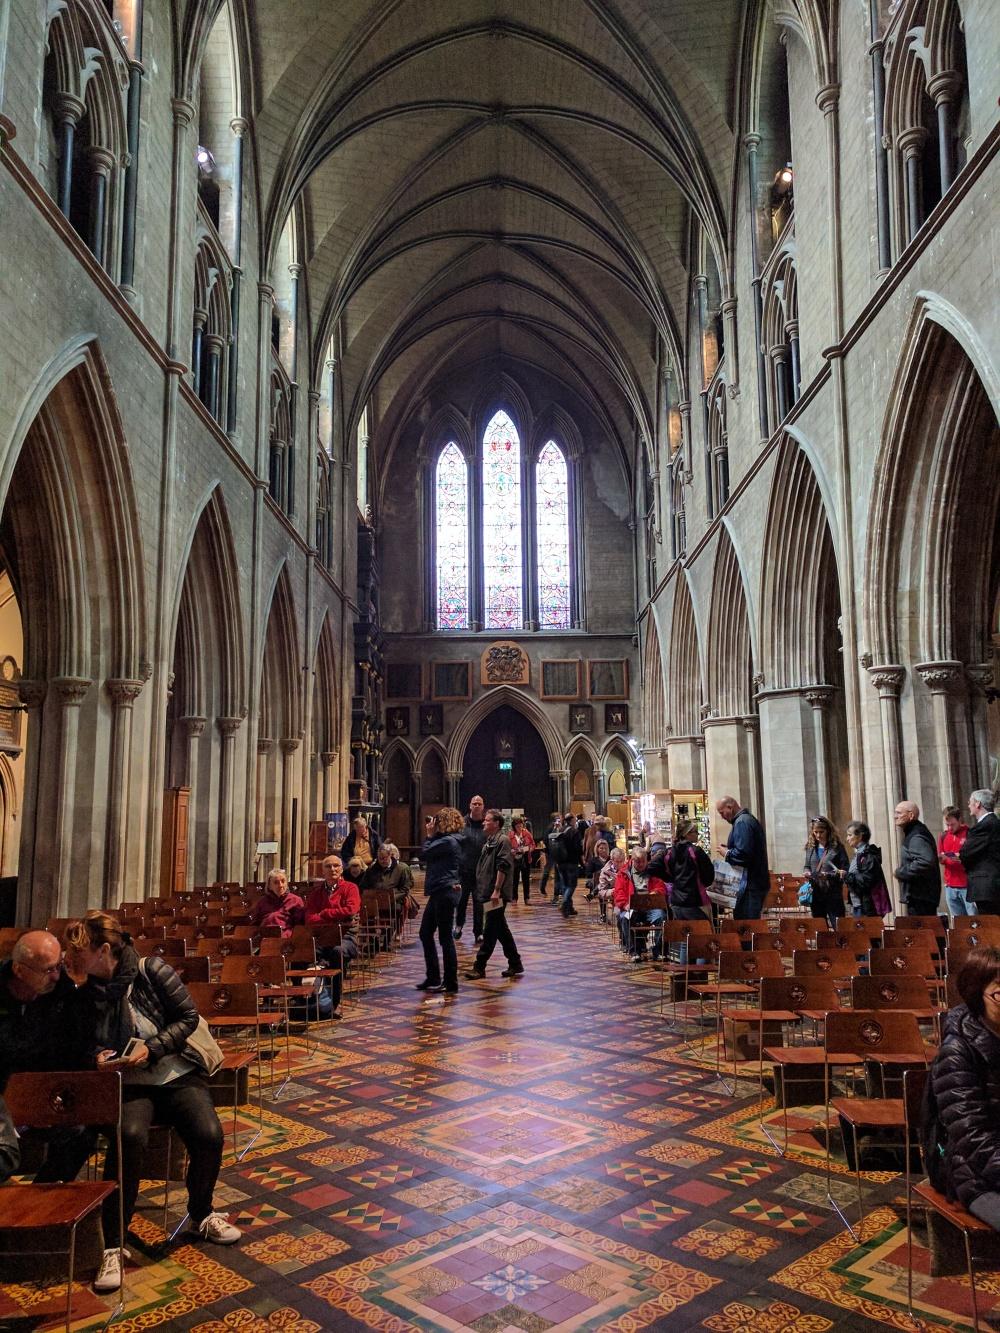 Cattedrale di San Patrizio-Architettura-architettura religiosa-architettura medievale-Dublino-Irlanda-Cosa vedere a Dublino-Viaggio in Irlanda